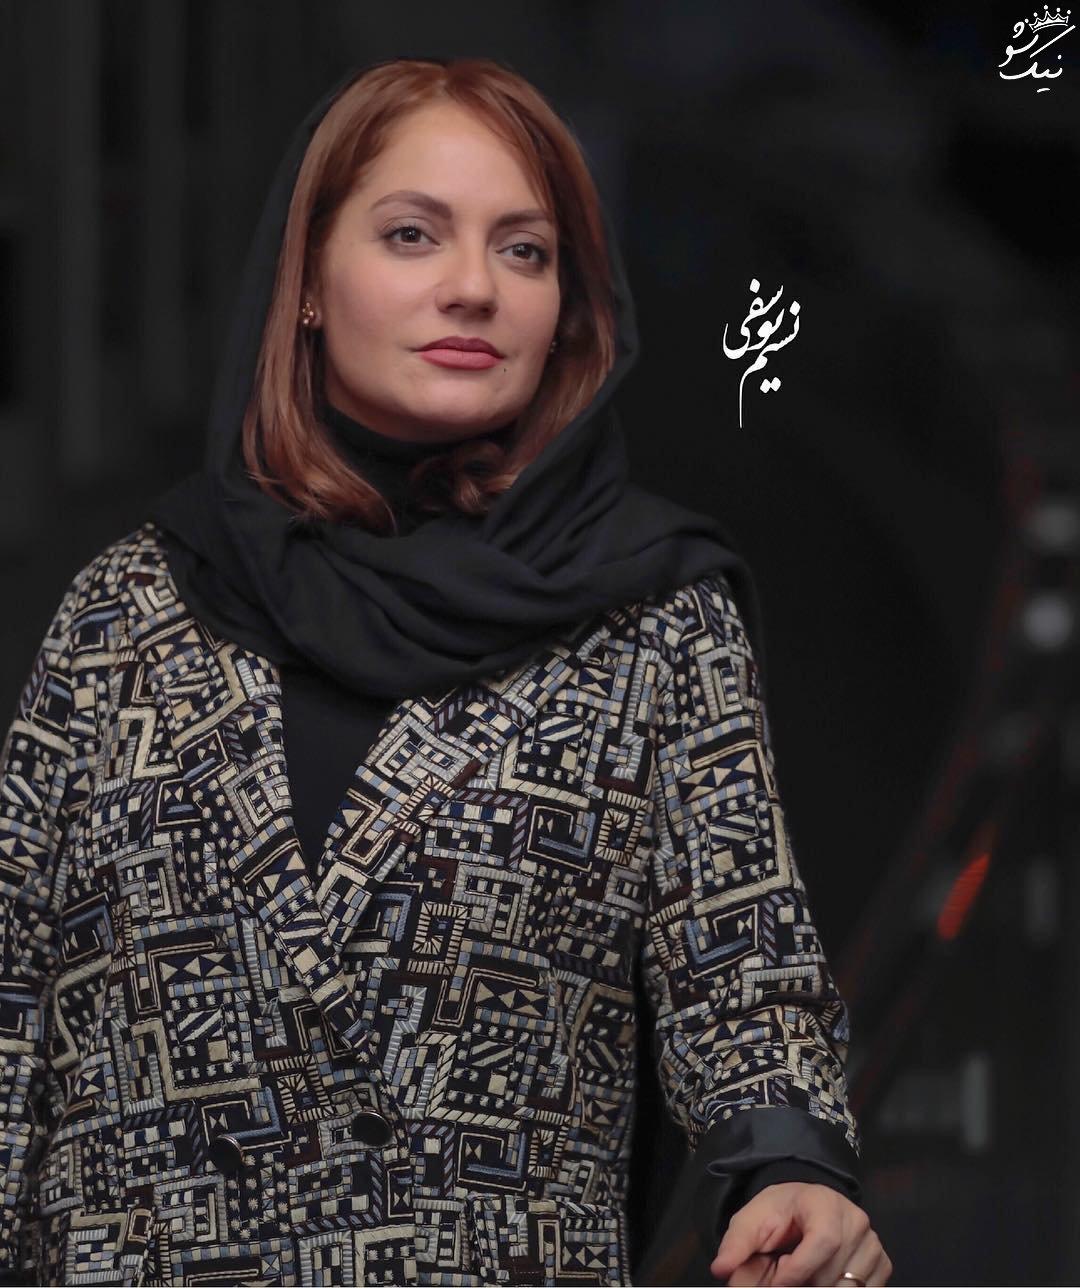 زیباترین استایل های بازیگران در جشنواره فجر 37